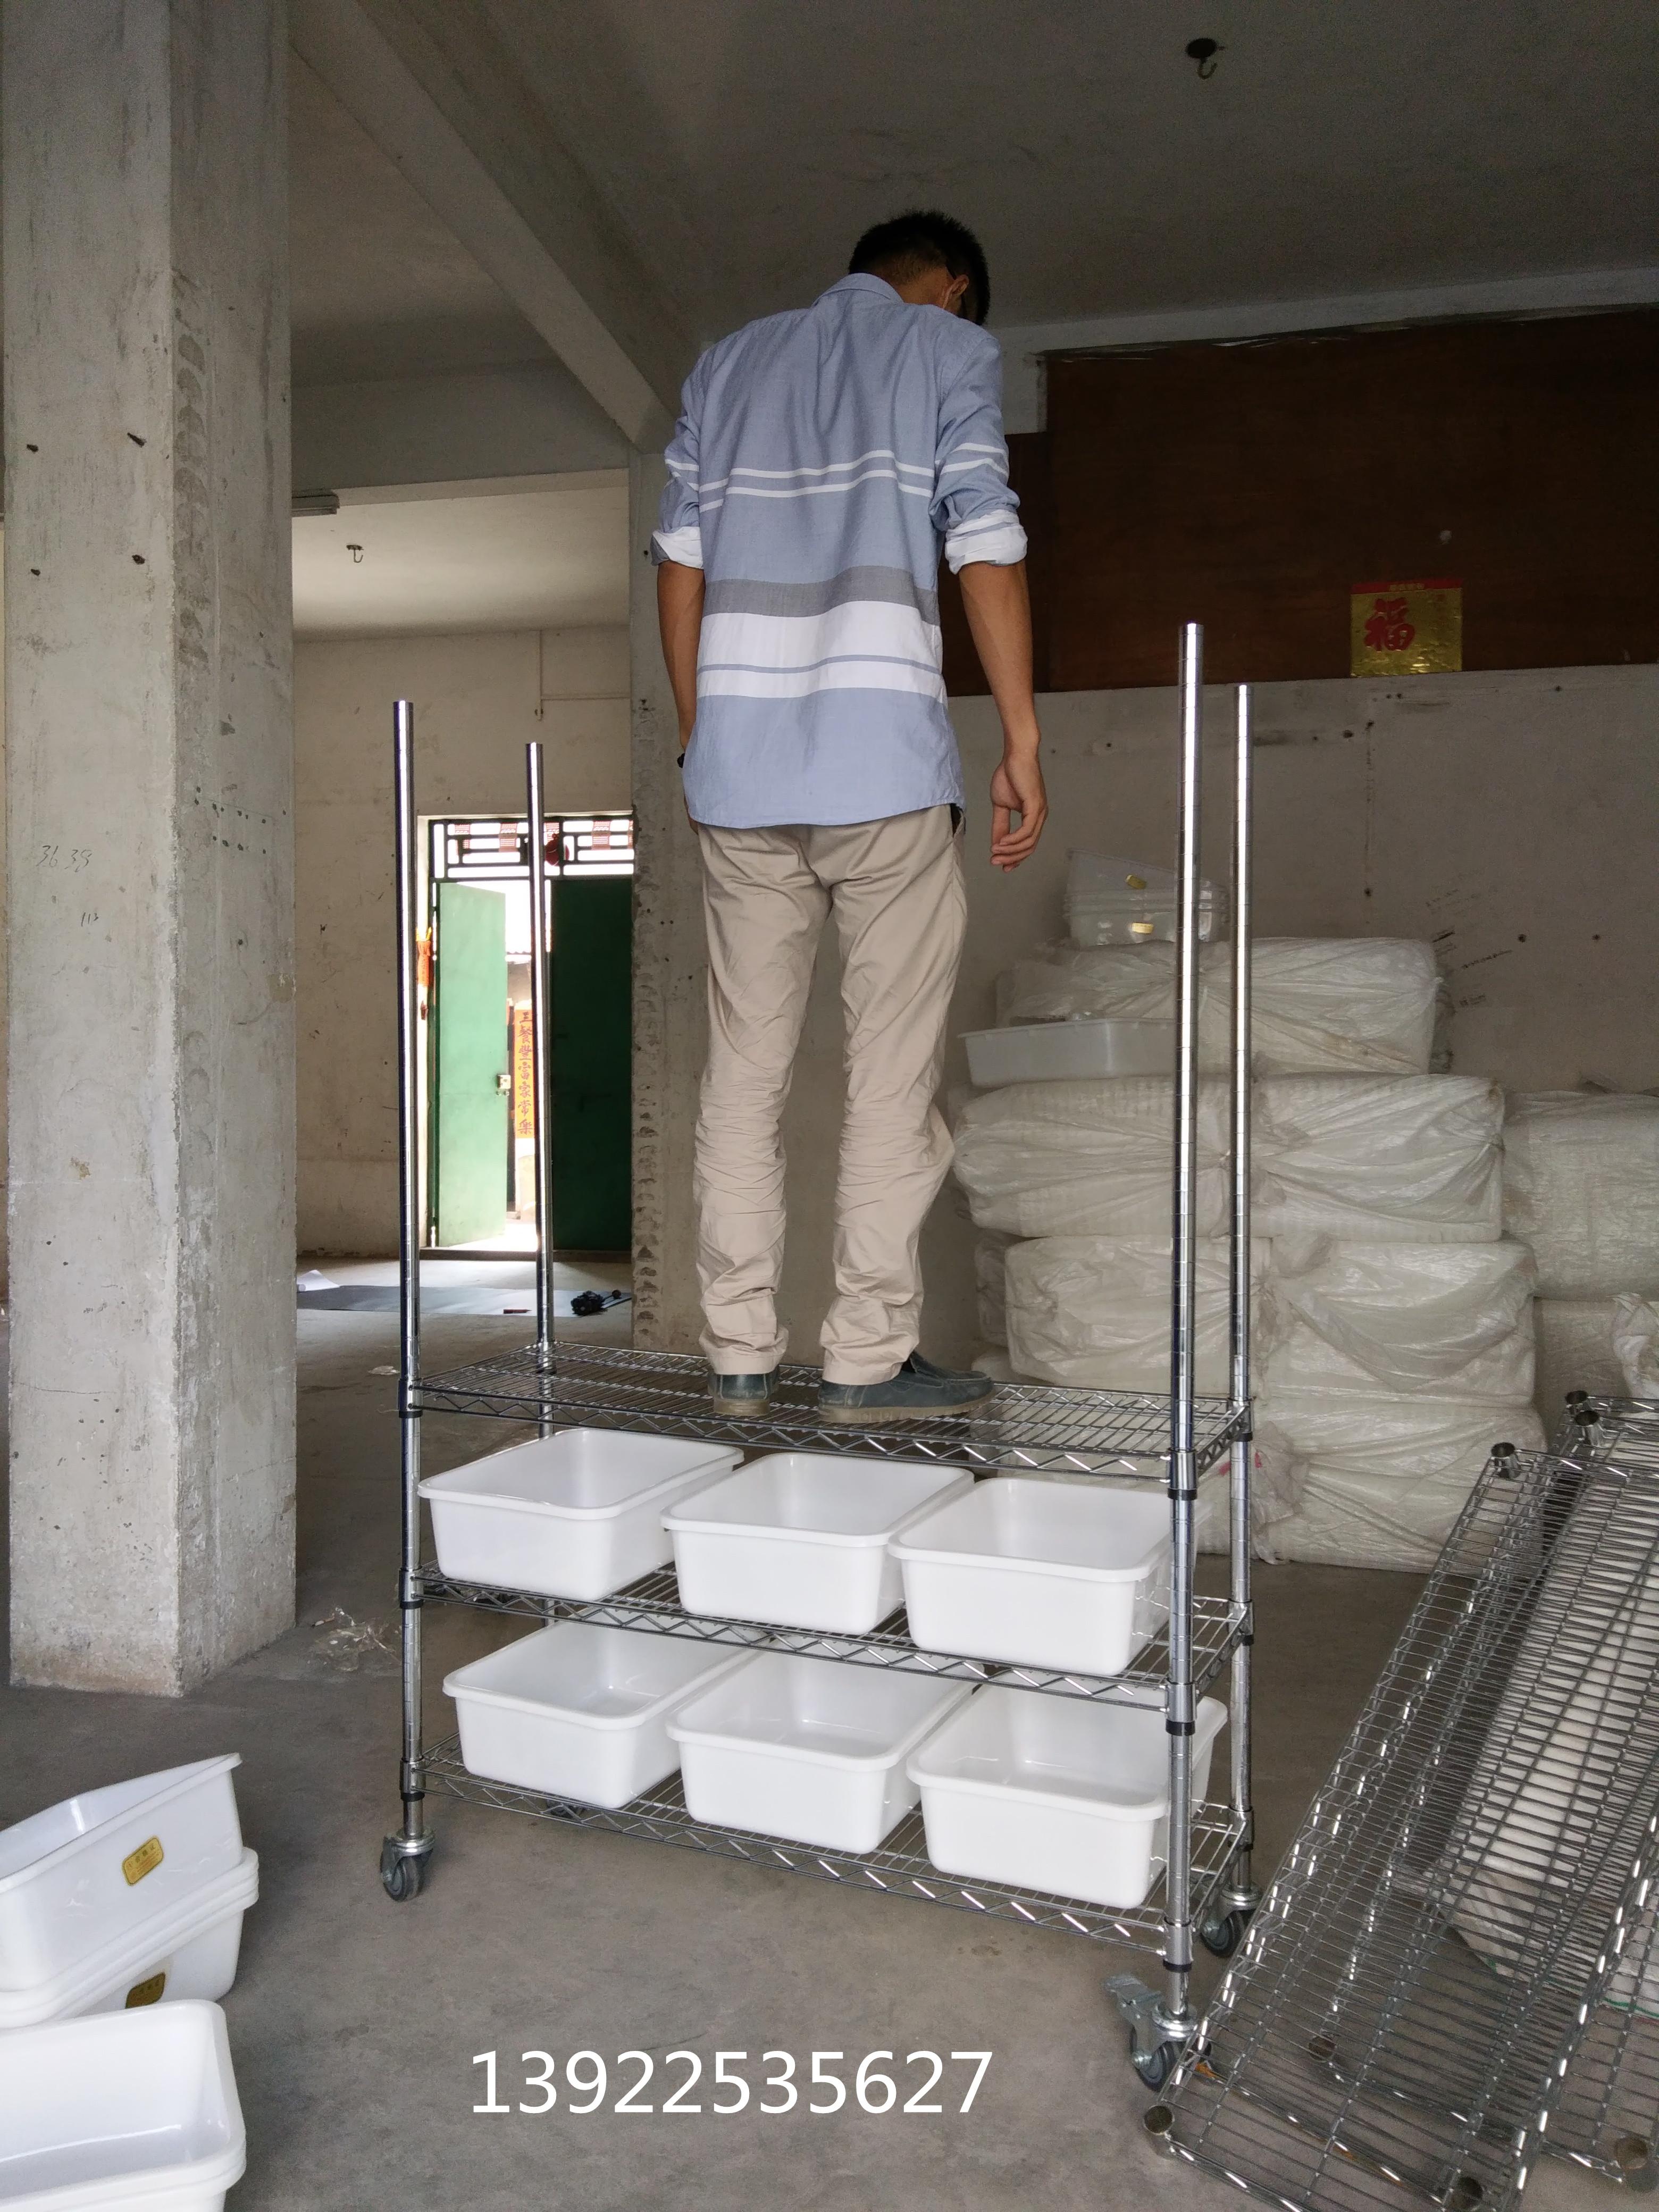 Shenzhen scaffali di Metallo cromato di Acciaio inossidabile, La Linea della Rete mobile con Ruote del carrello immissione di materiale di supporto materiale Post - Disco.